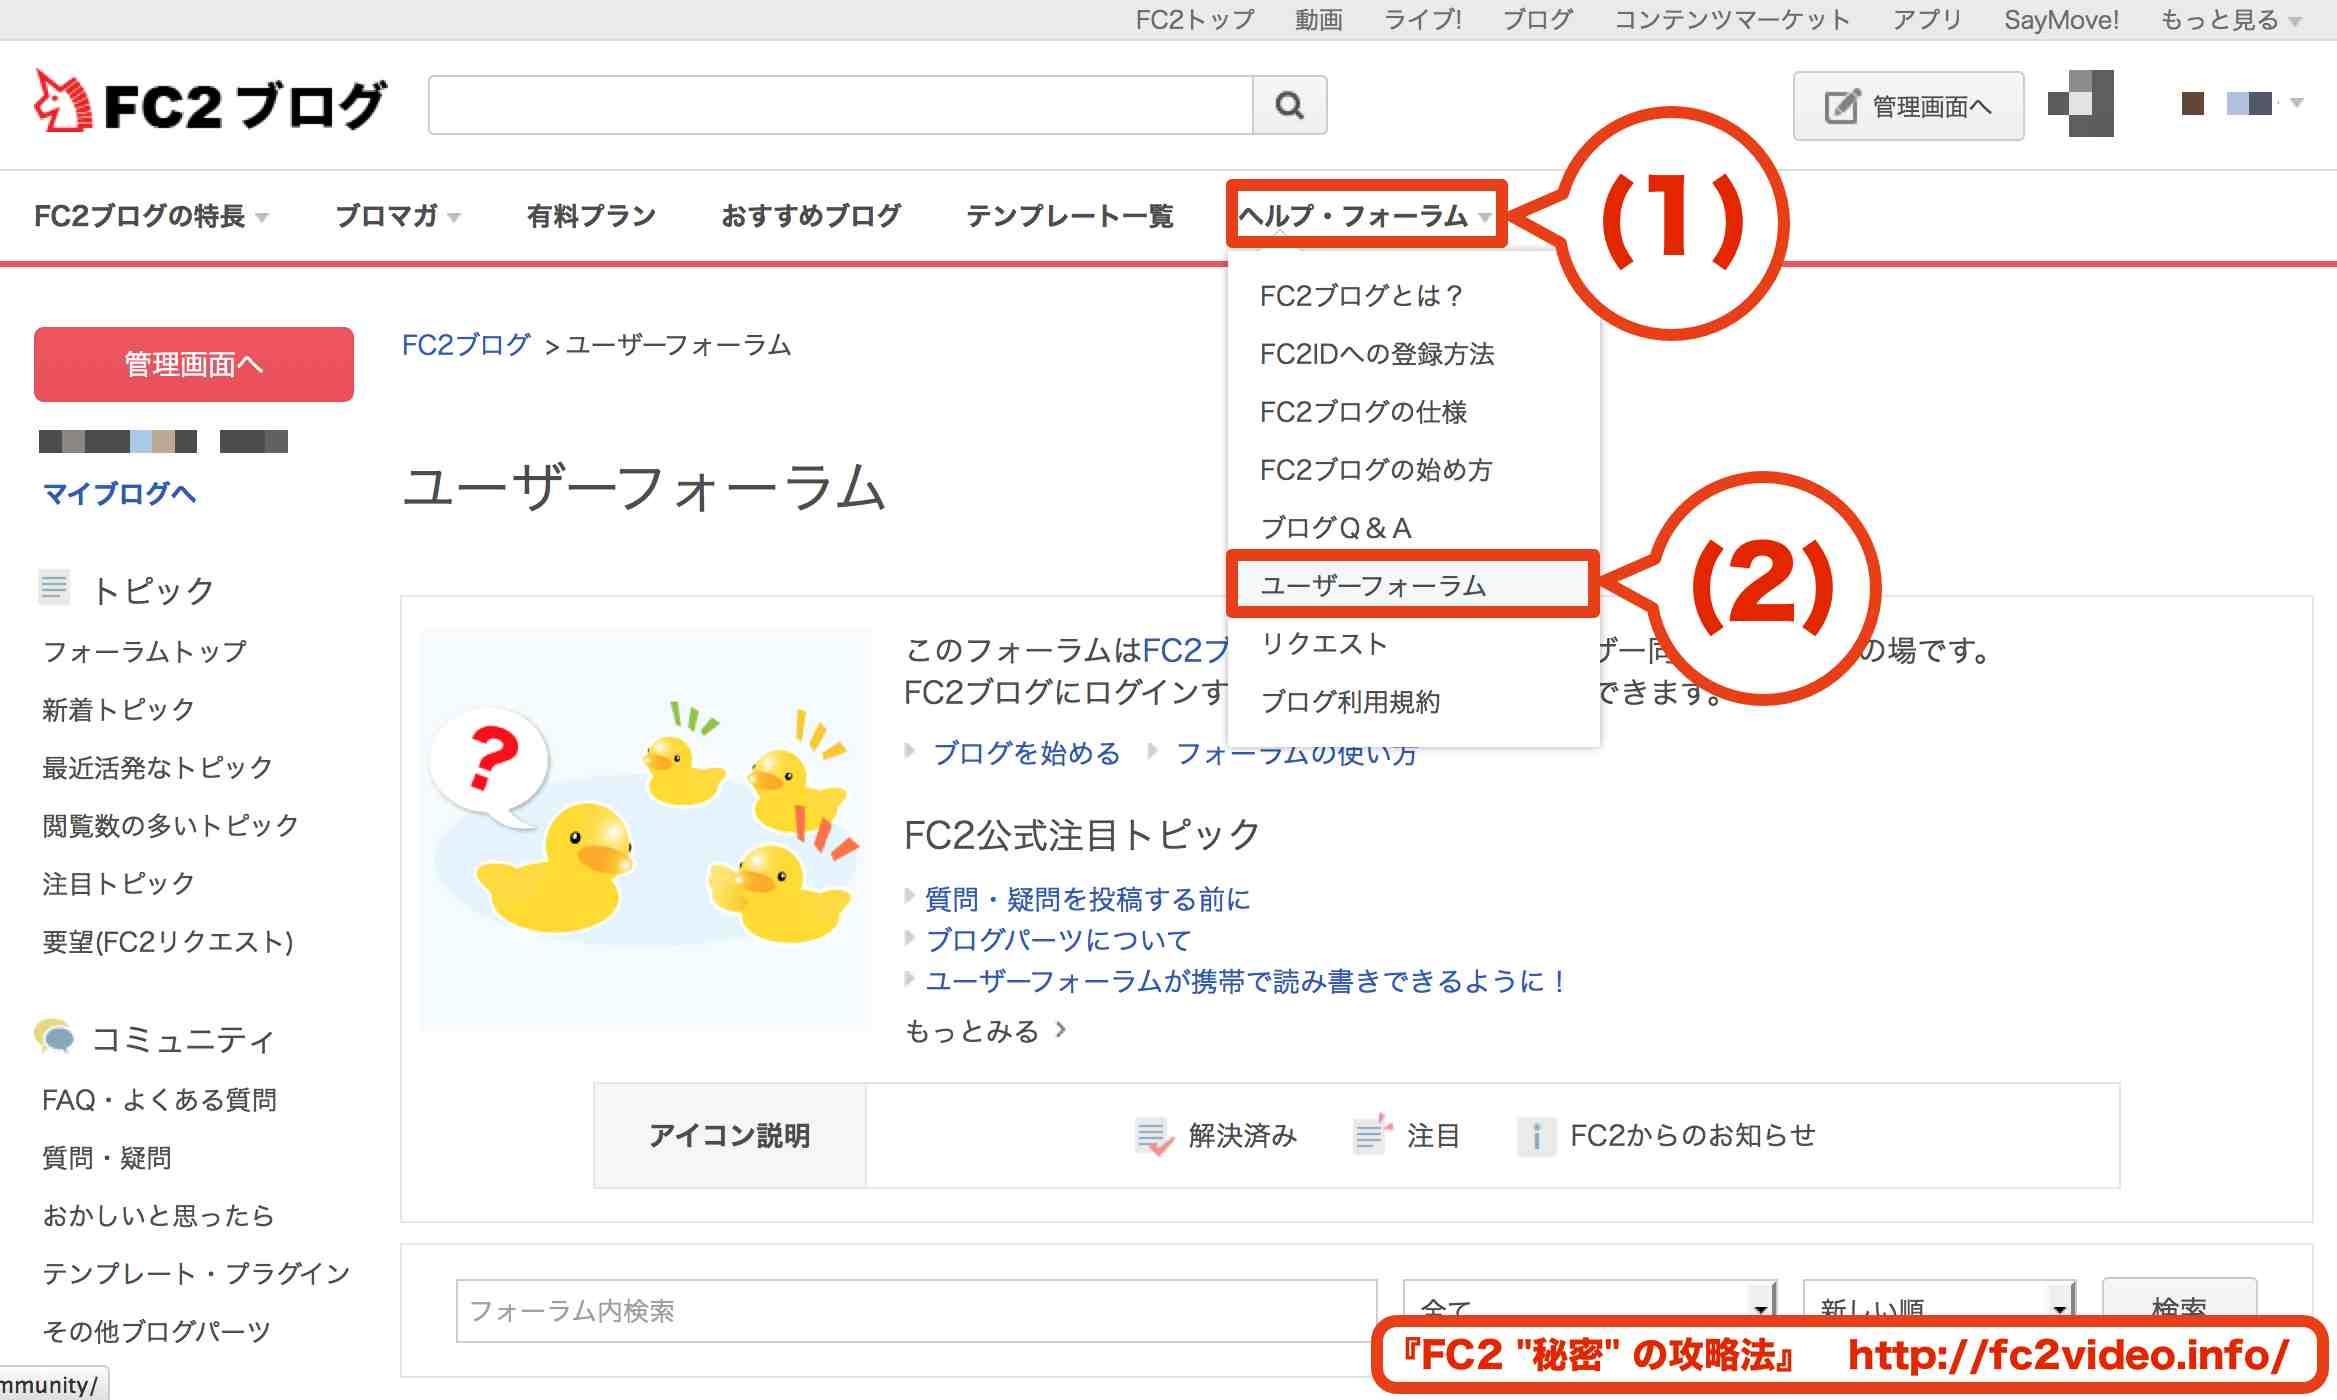 FC2ブログ「ユーザーフォーラム」とは